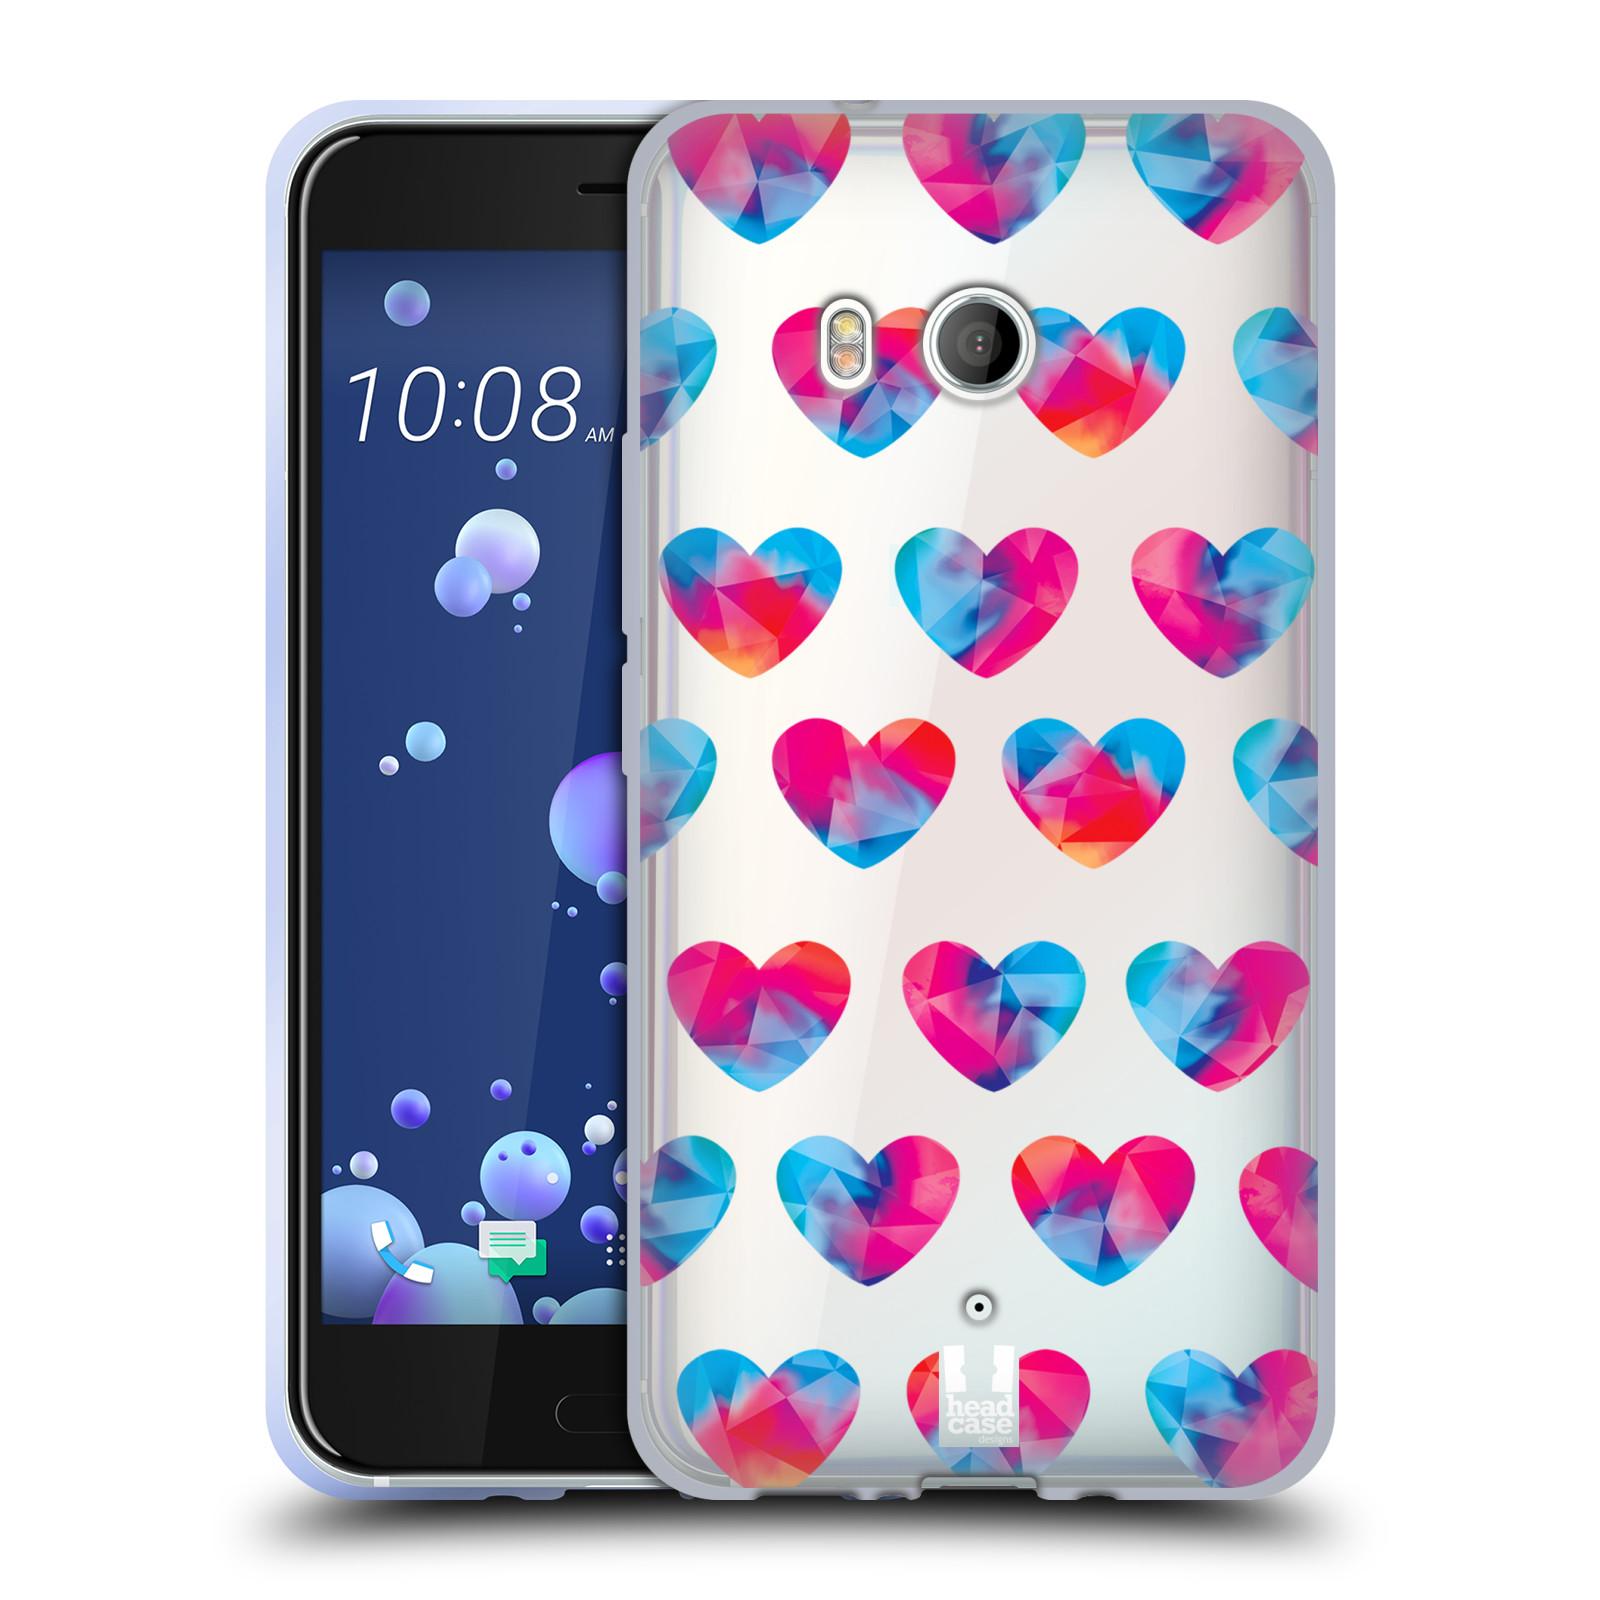 Silikonové pouzdro na mobil HTC U11 - Head Case - Srdíčka hrající barvami